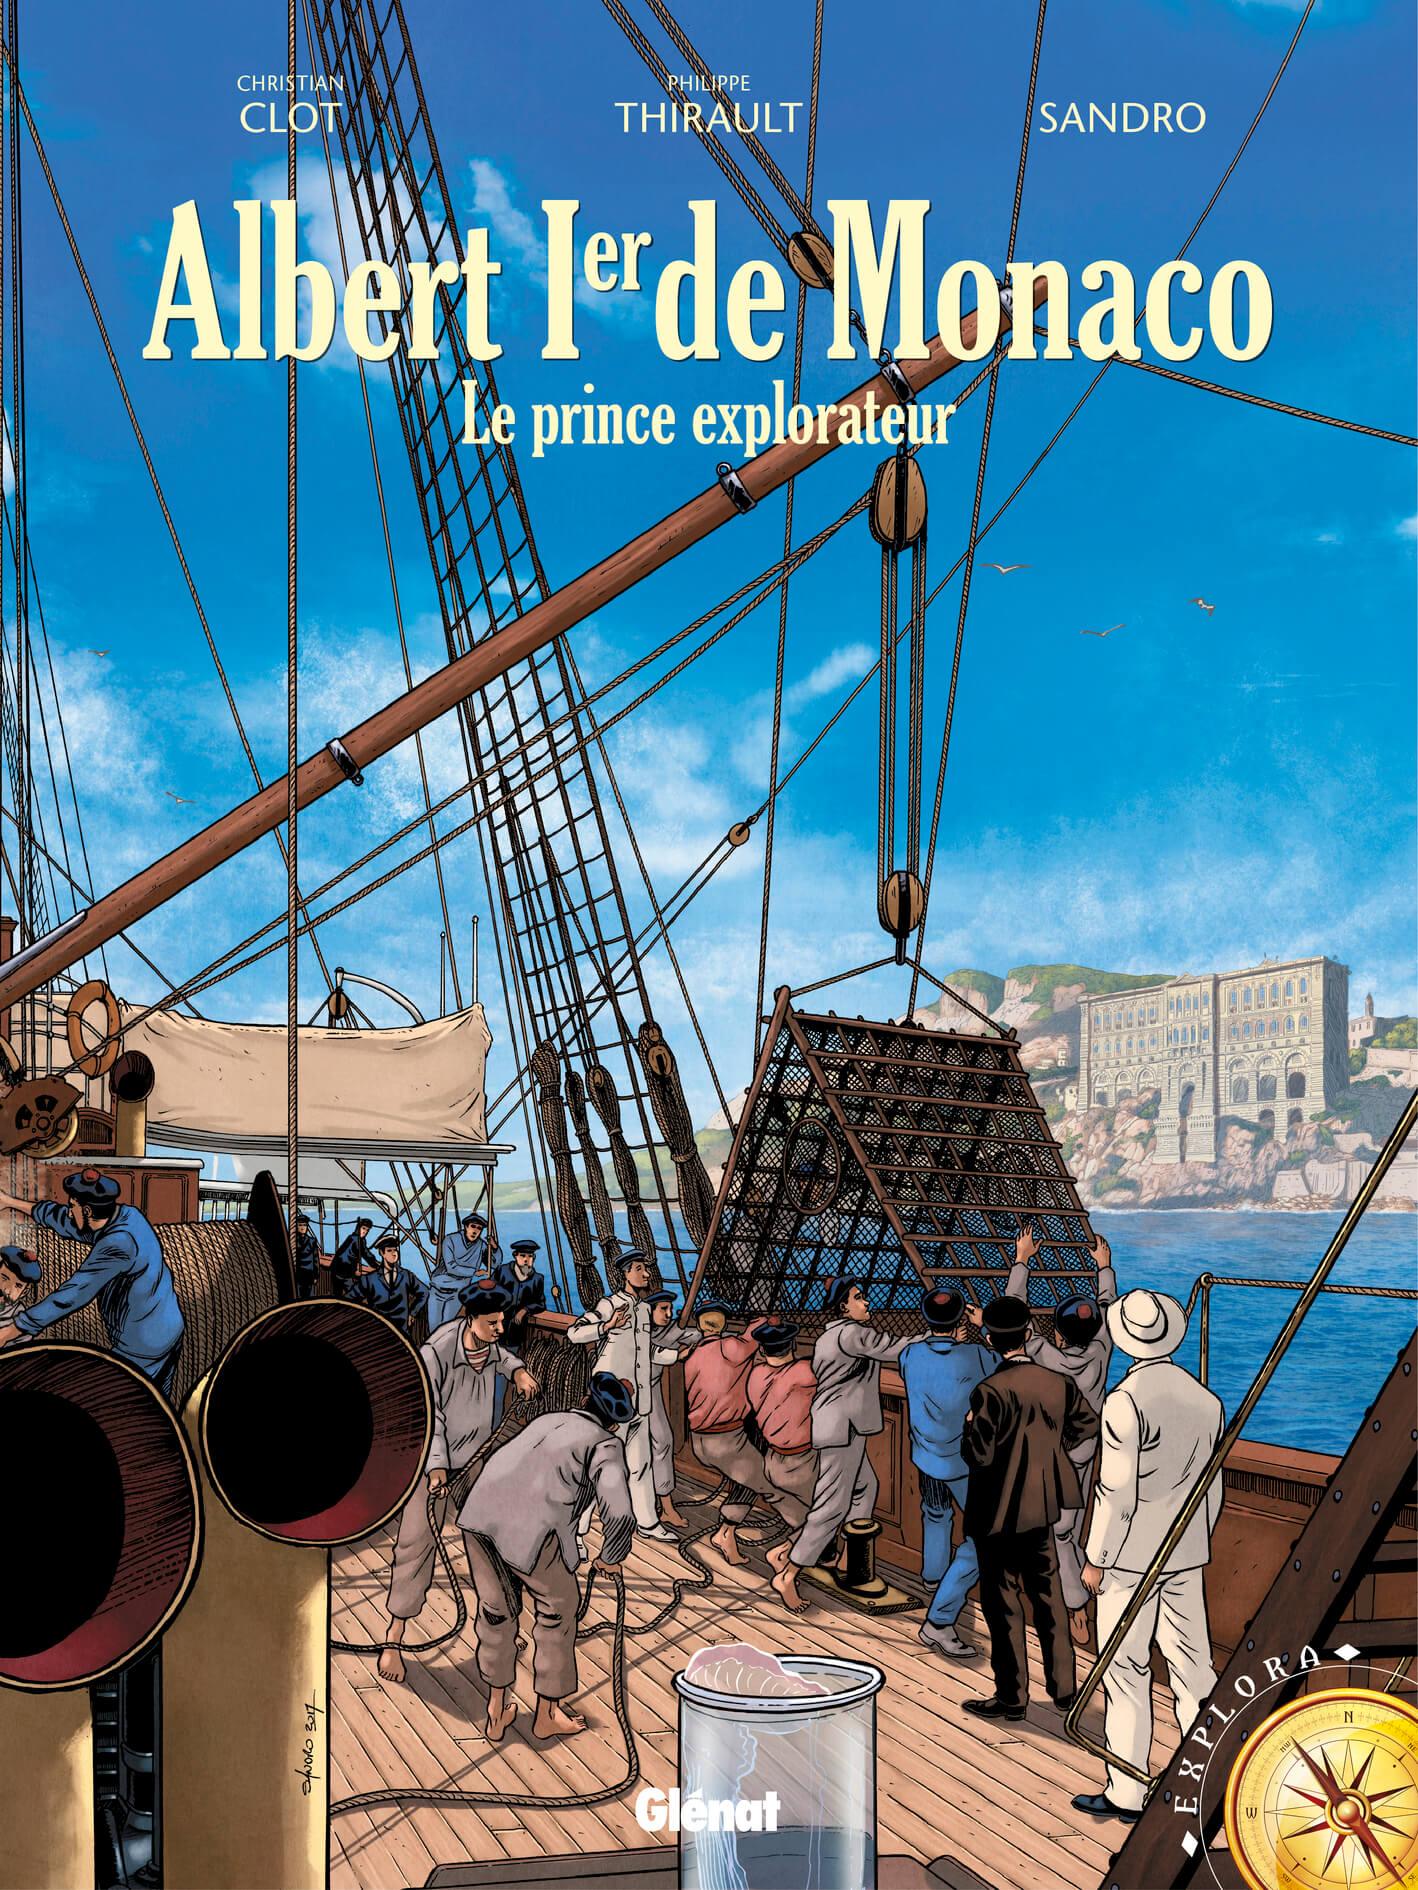 Couverture BD Albert Ier de Monaco